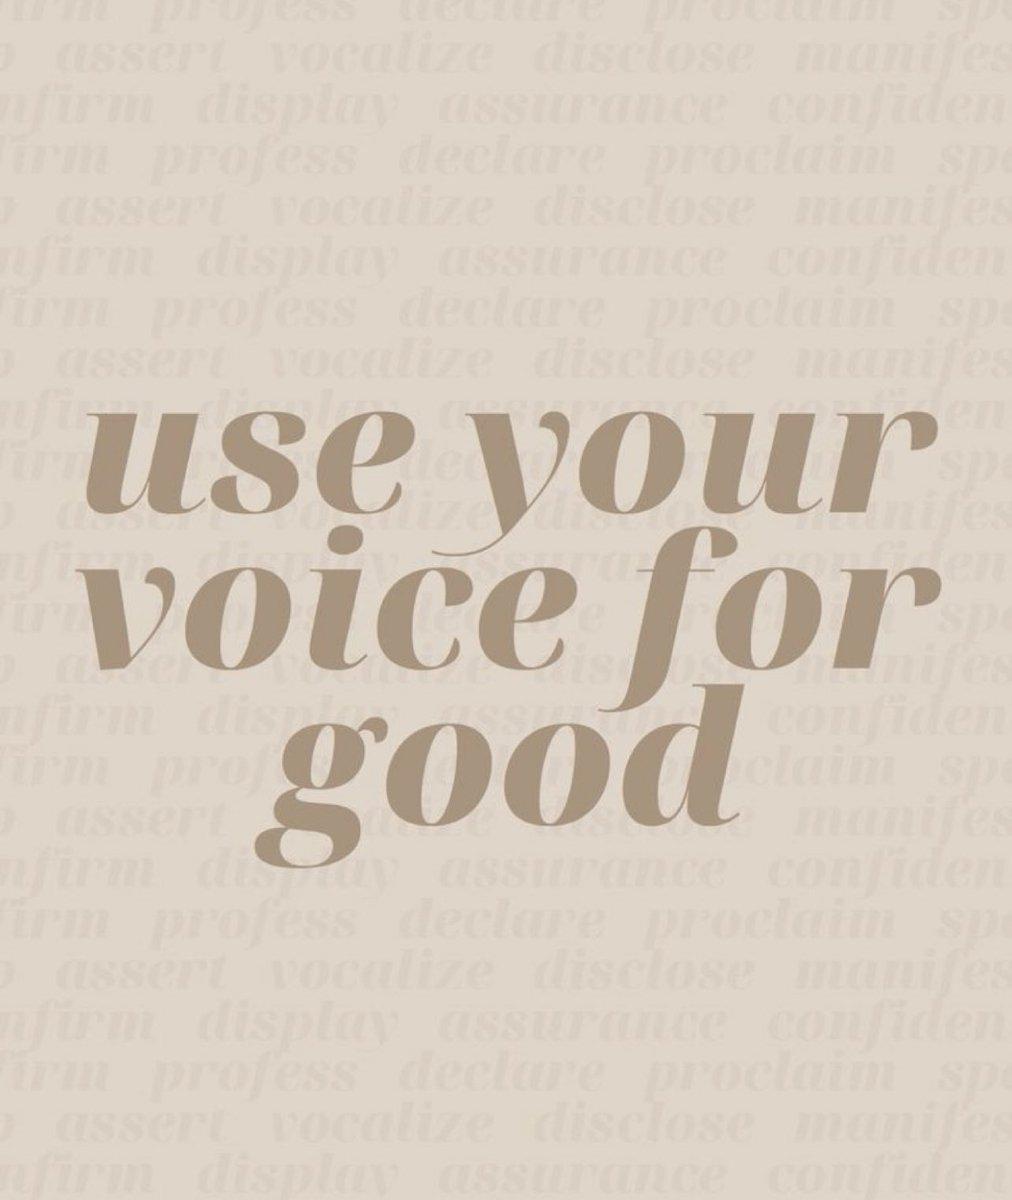 #miRiconoscoin t u t t o quello che ho studiato| visto| vissuto fino a oggi.  E  p o i  mi riconosco ogni volta che  «uso la voce nel modo giusto»  { #26febbraio #quoteoftheday }